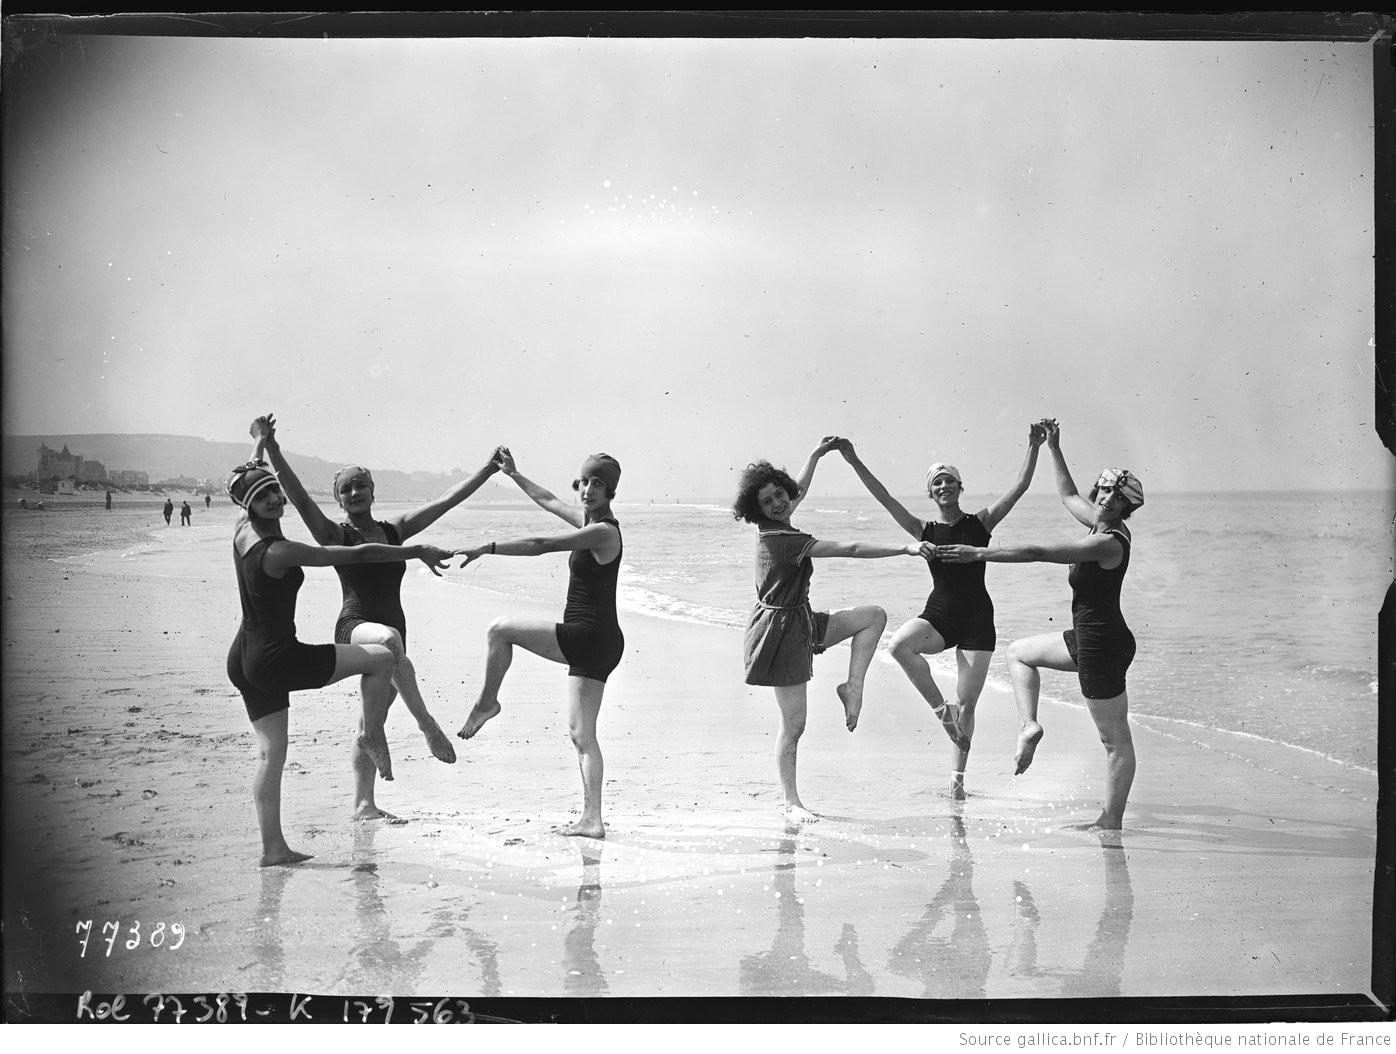 [Groupe_de_6_baigneuses-danseuses_faisant_[...]Agence_Rol_btv1b530907604